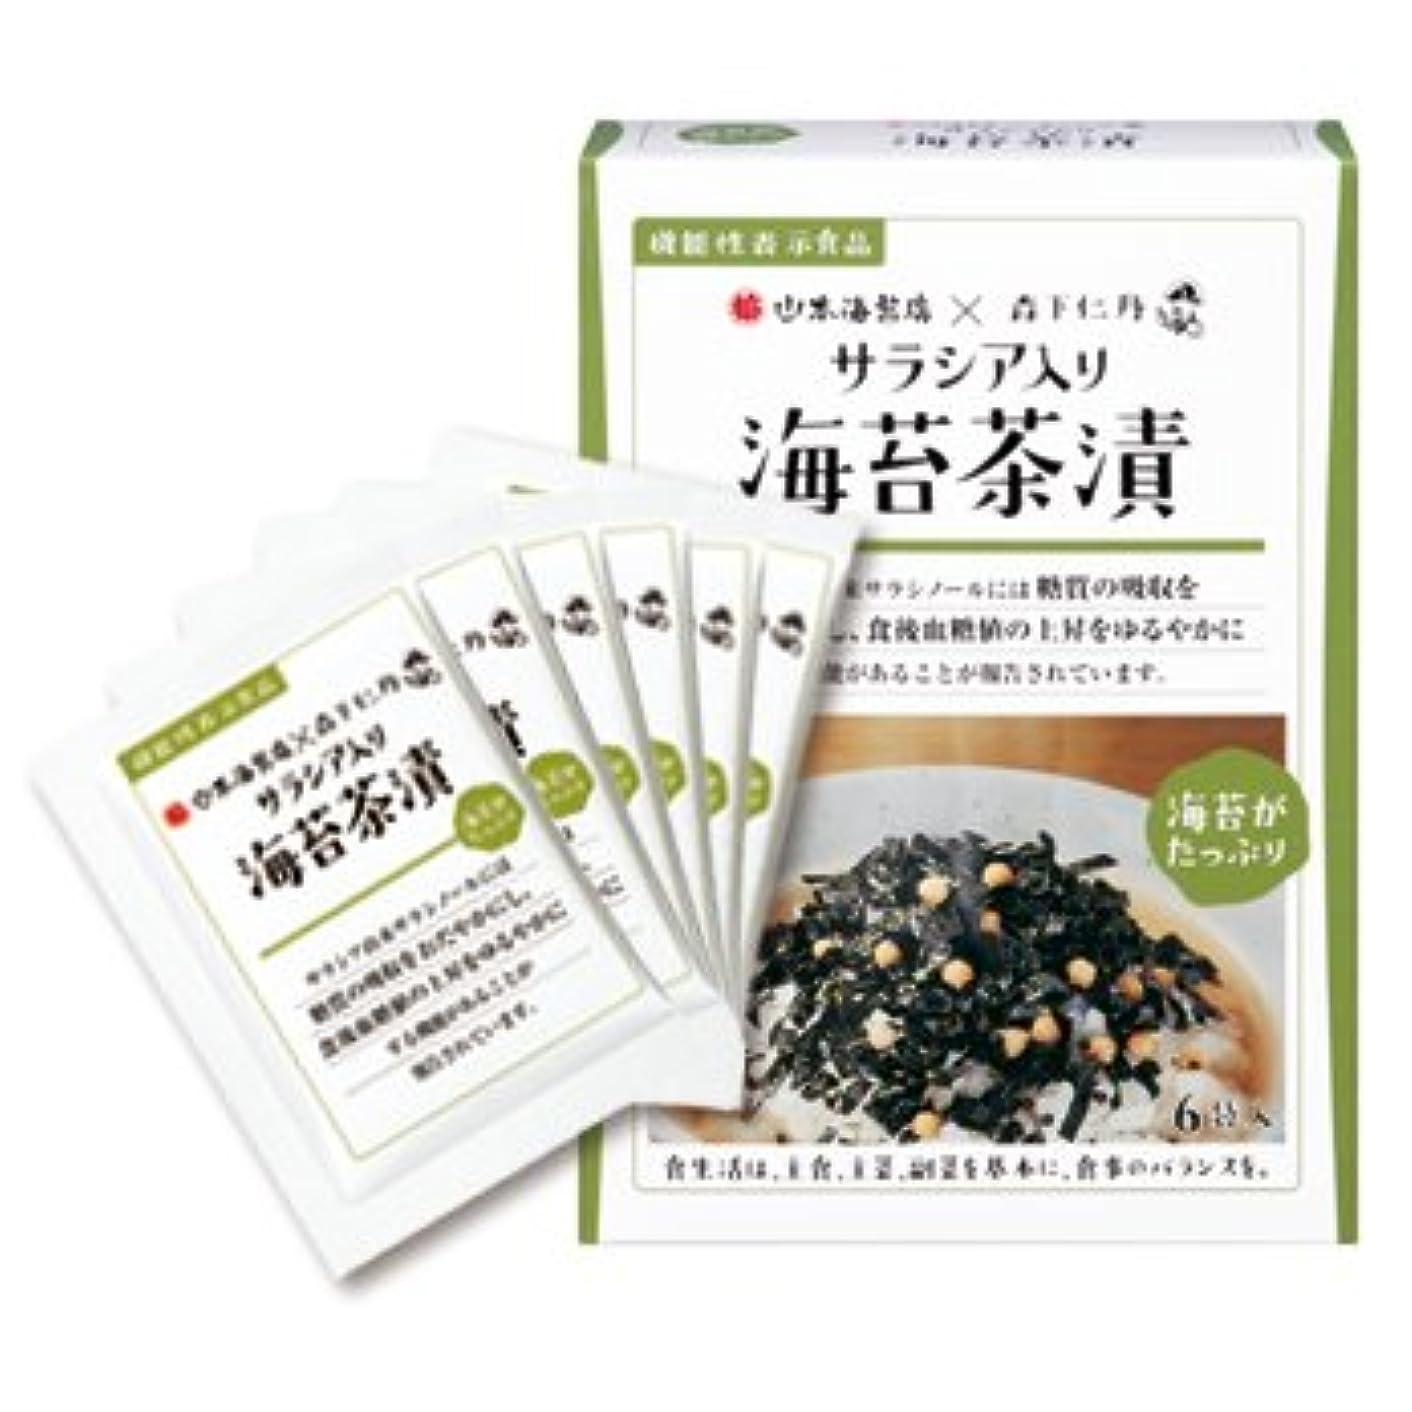 最もコック表向き海苔茶漬 サラシア入り 1箱(6袋入) [機能性表示食品]